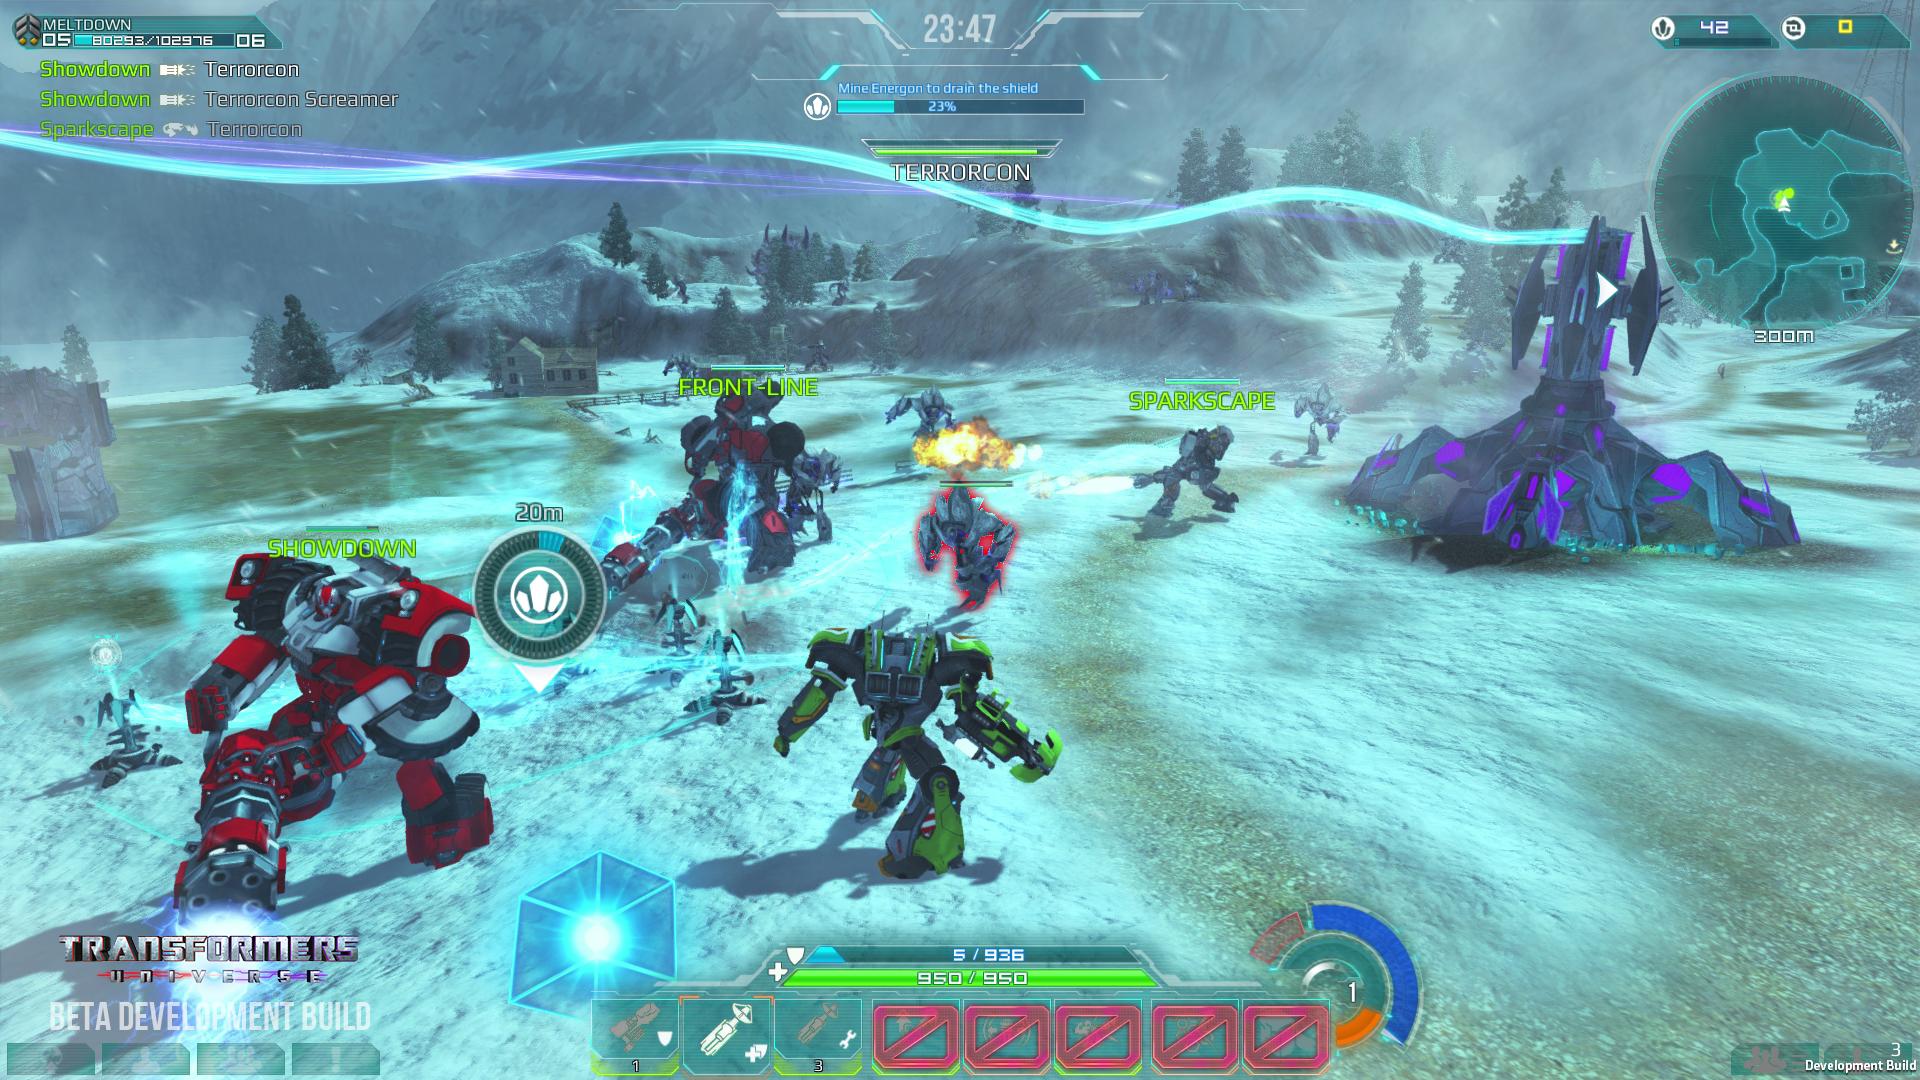 Loạt ảnh tuyệt đẹp về MOTA Transformers Universe - Ảnh 1